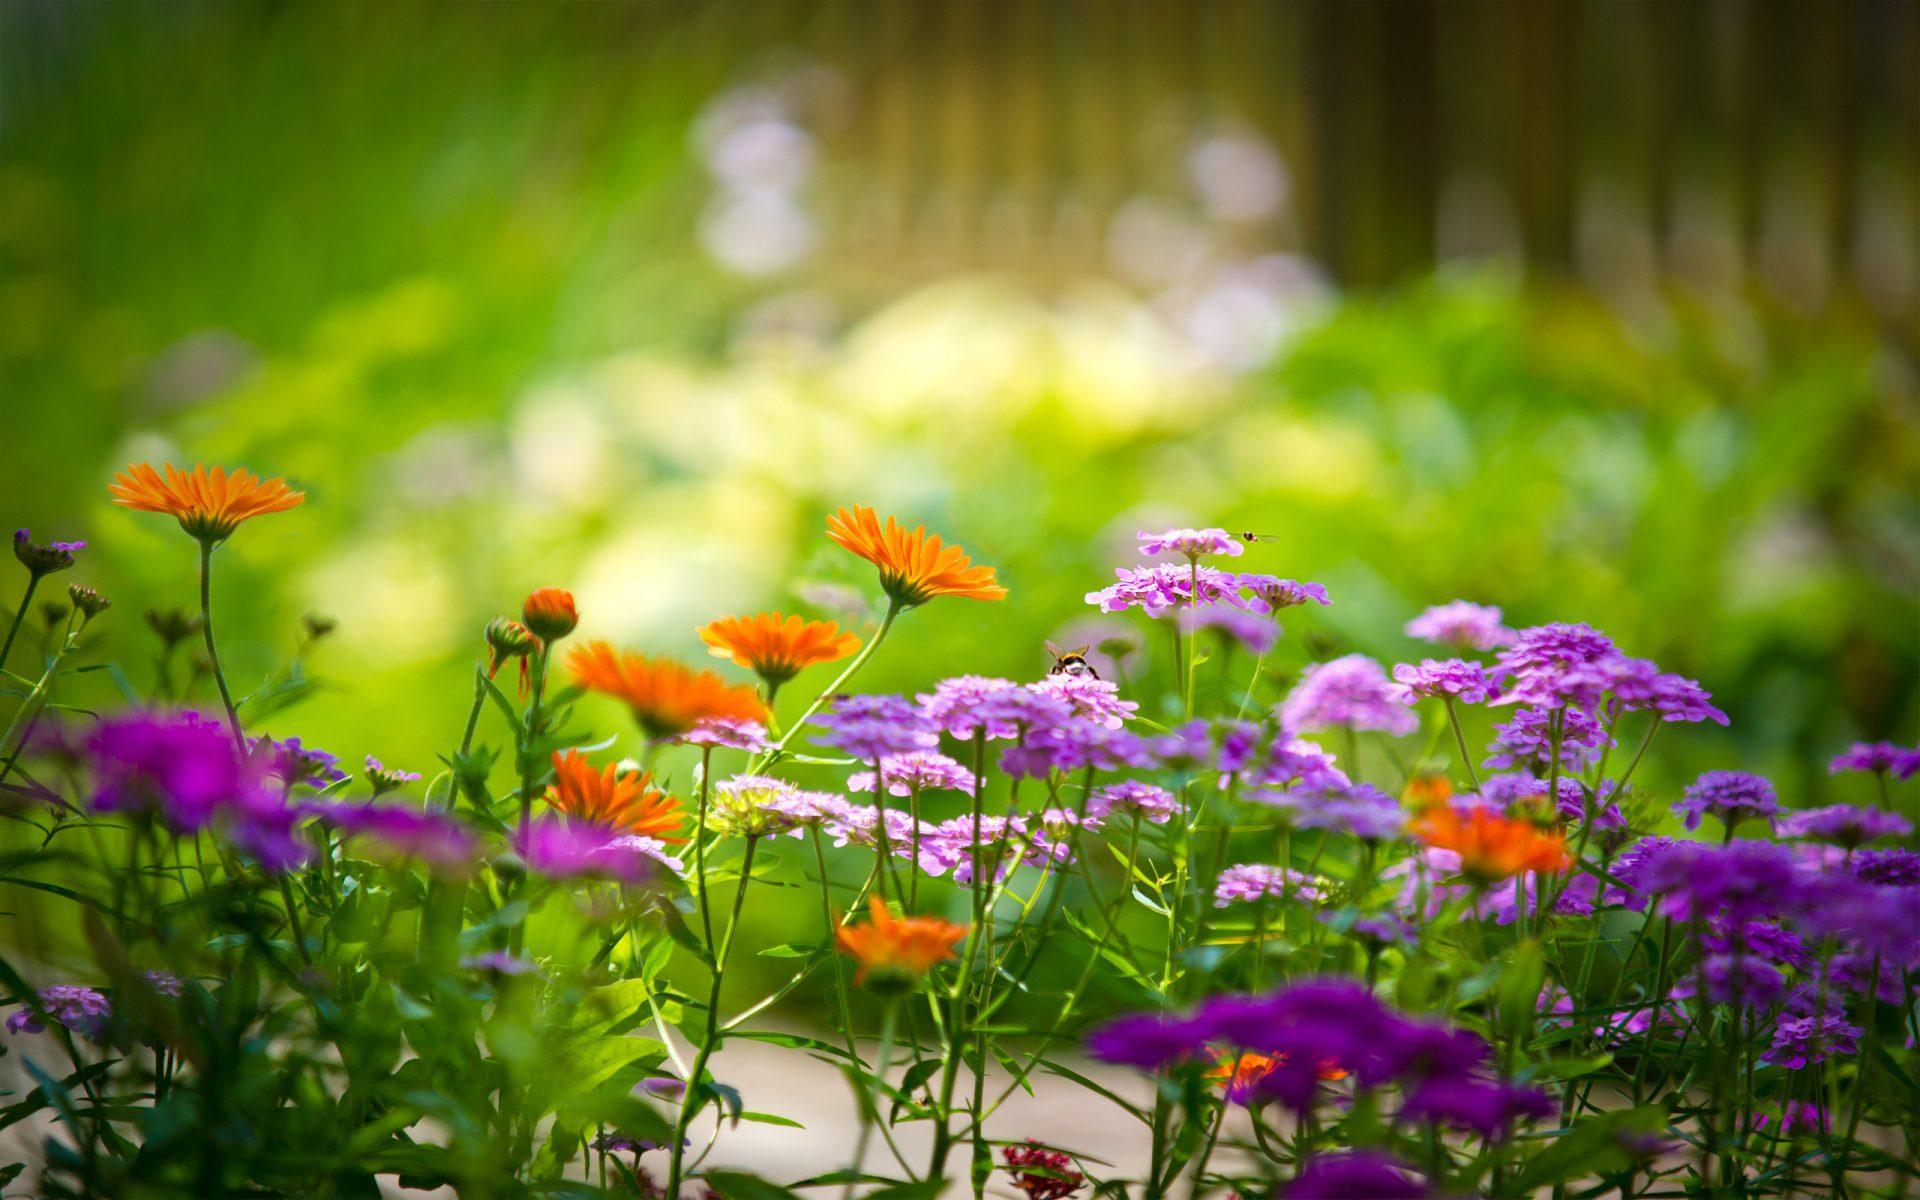 роса на цветах макро фото